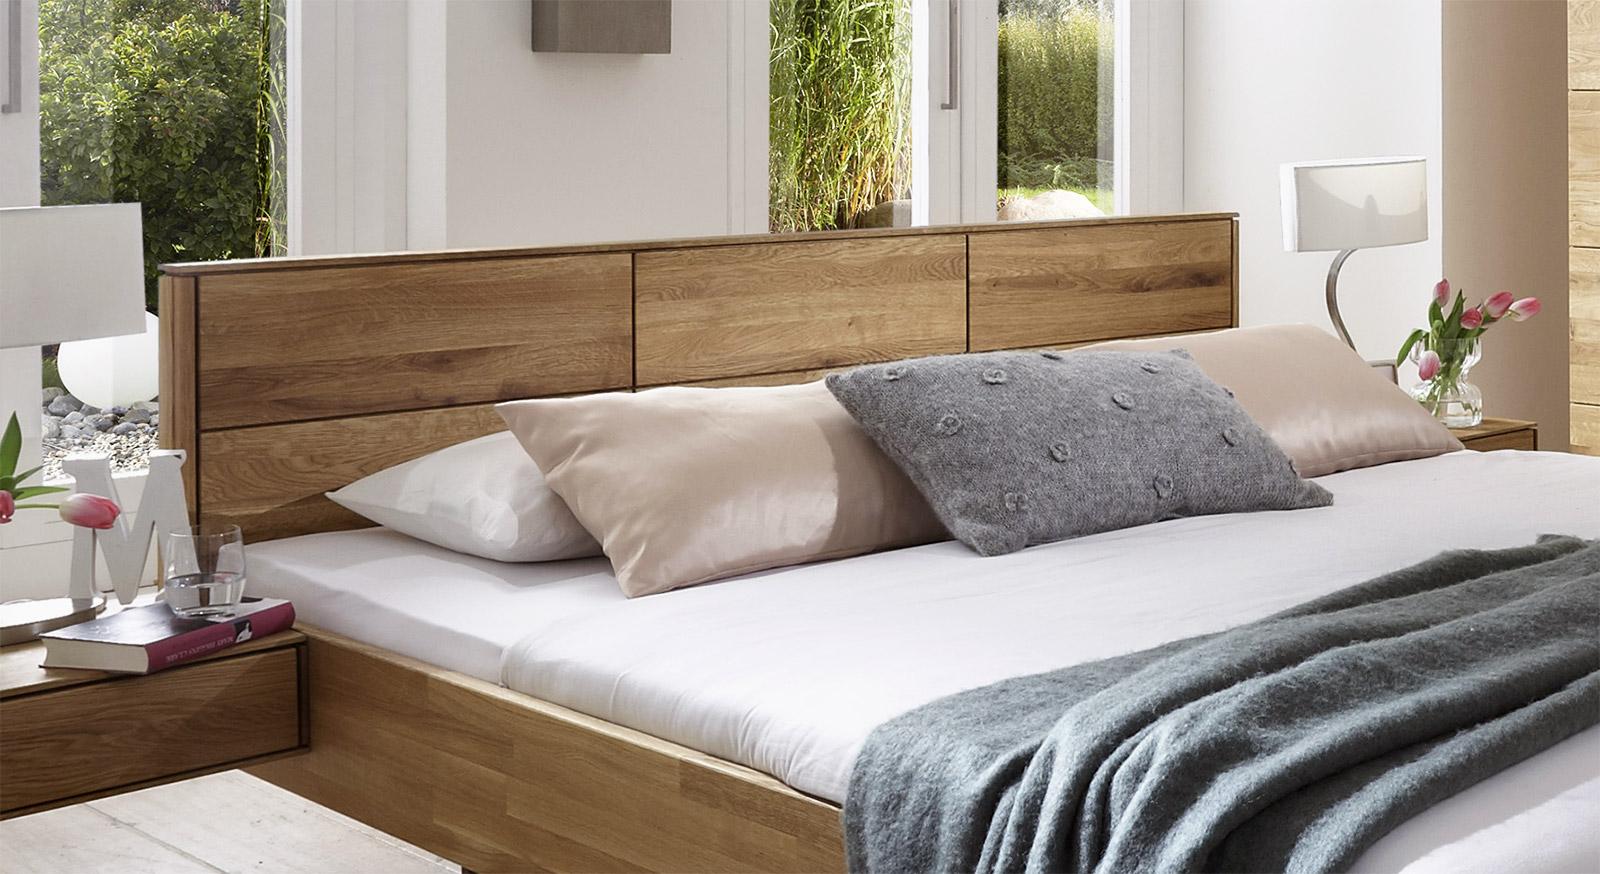 Bett Terrano mit Massivholz-Kopfteil